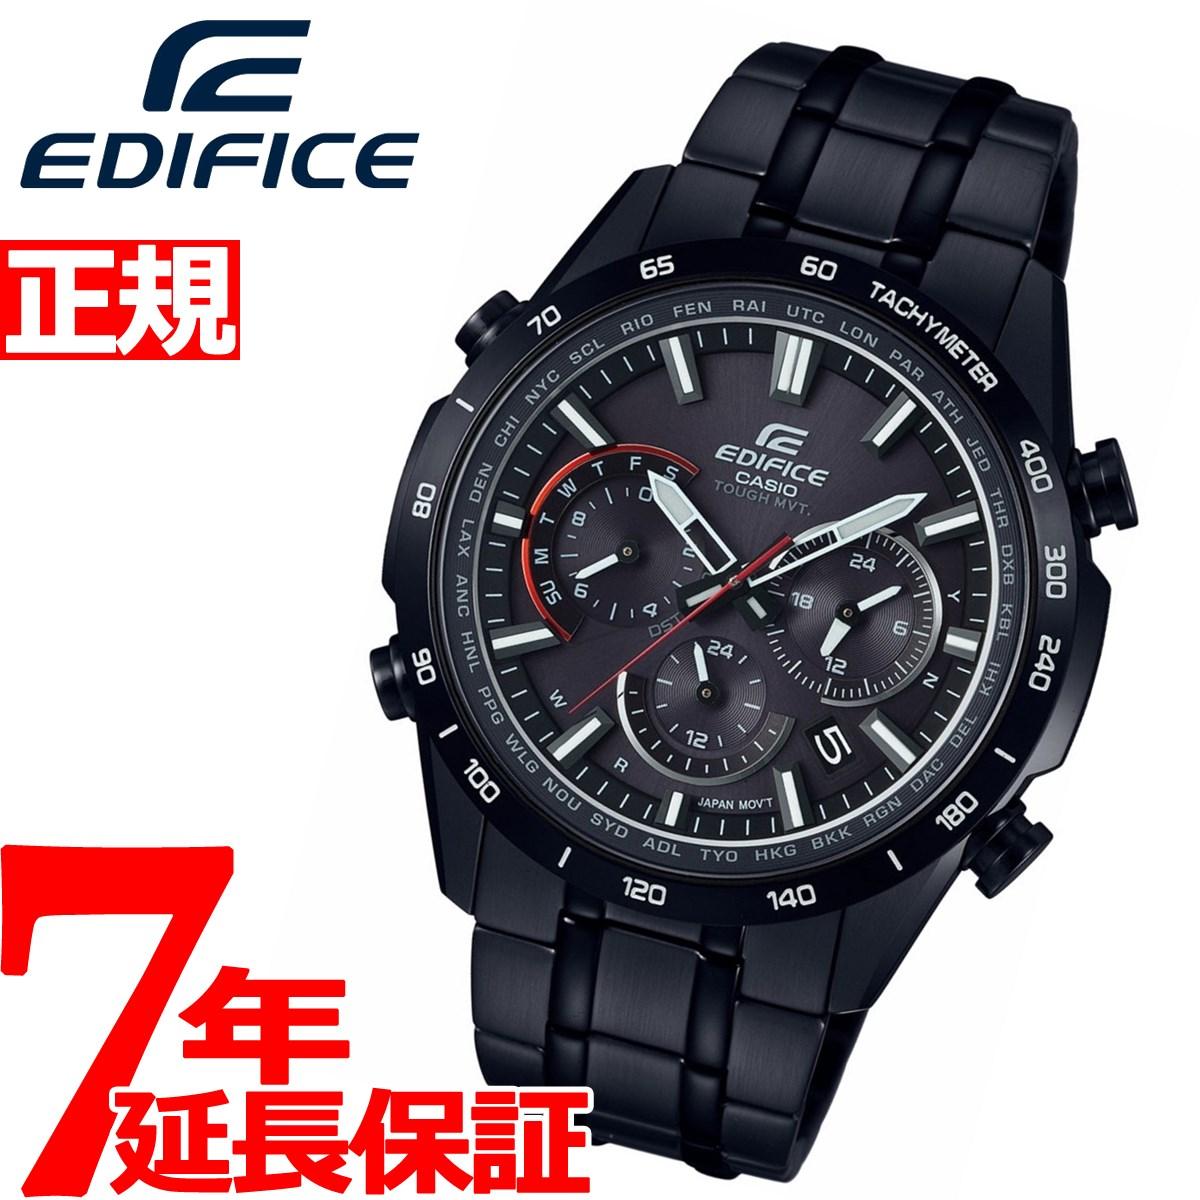 カシオ エディフィス CASIO EDIFICE 電波 ソーラー 電波時計 腕時計 メンズ タフソーラー クロノグラフ EQW-T650DC-1AJF【2018 新作】